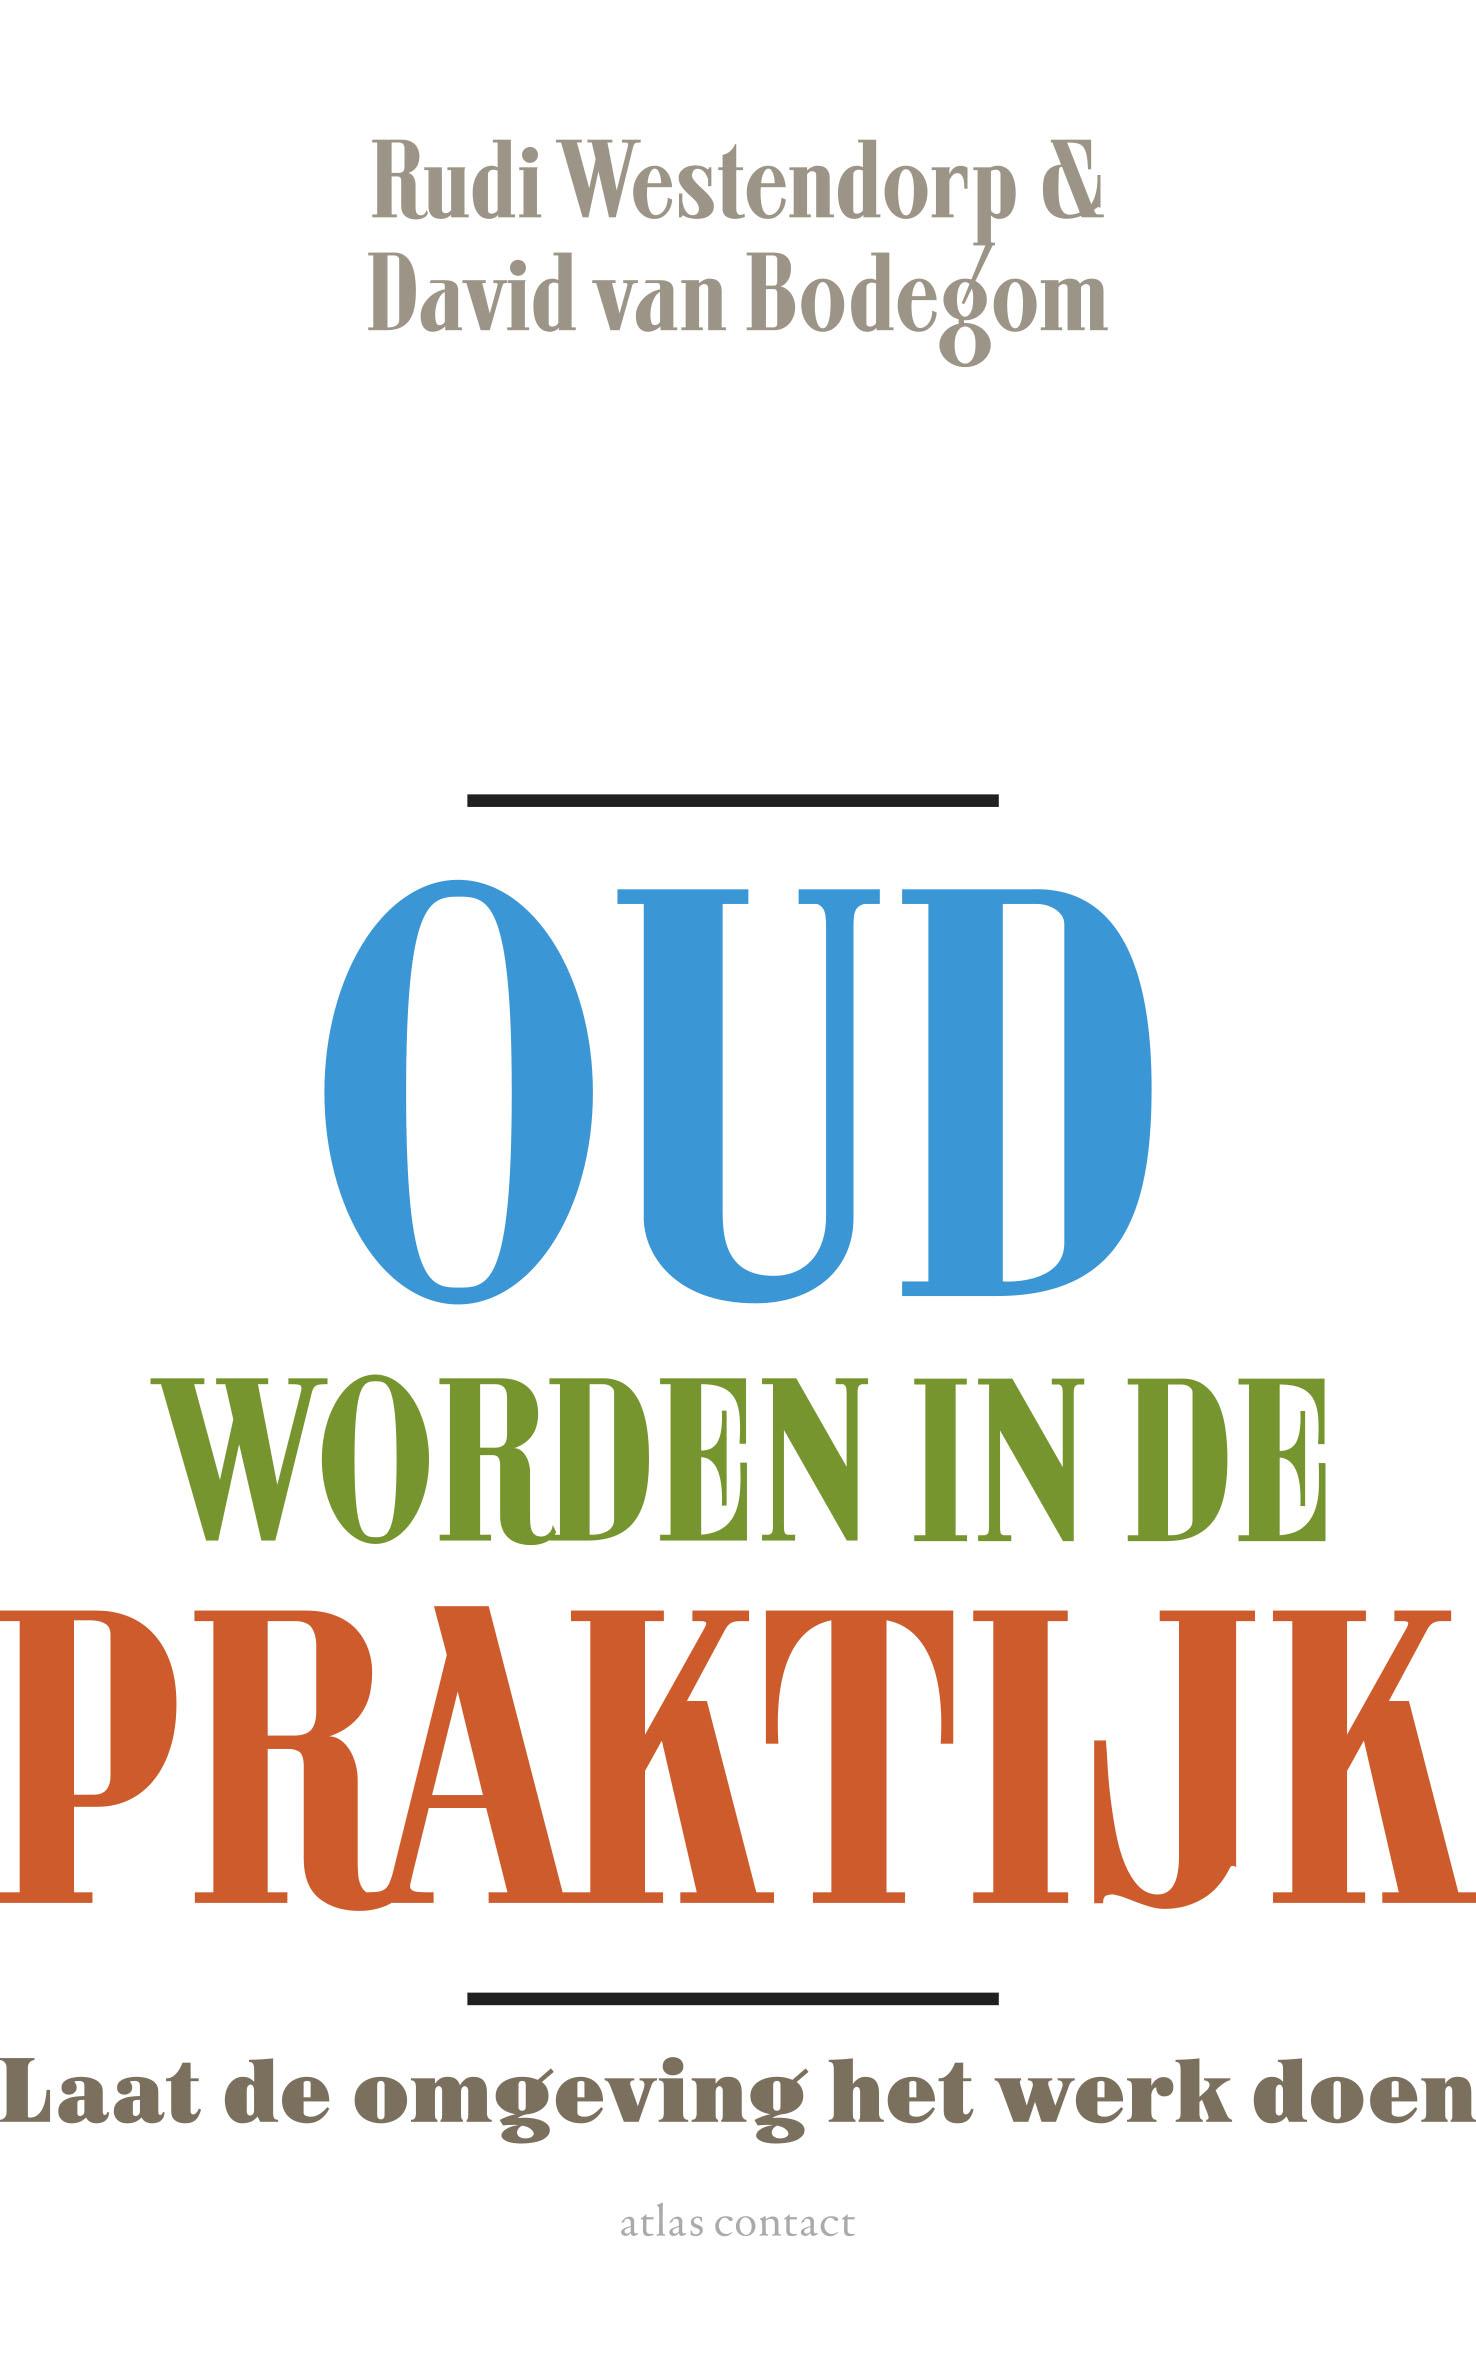 Oud worden in de praktijk – Rudi Westendorp en David van Bodegom